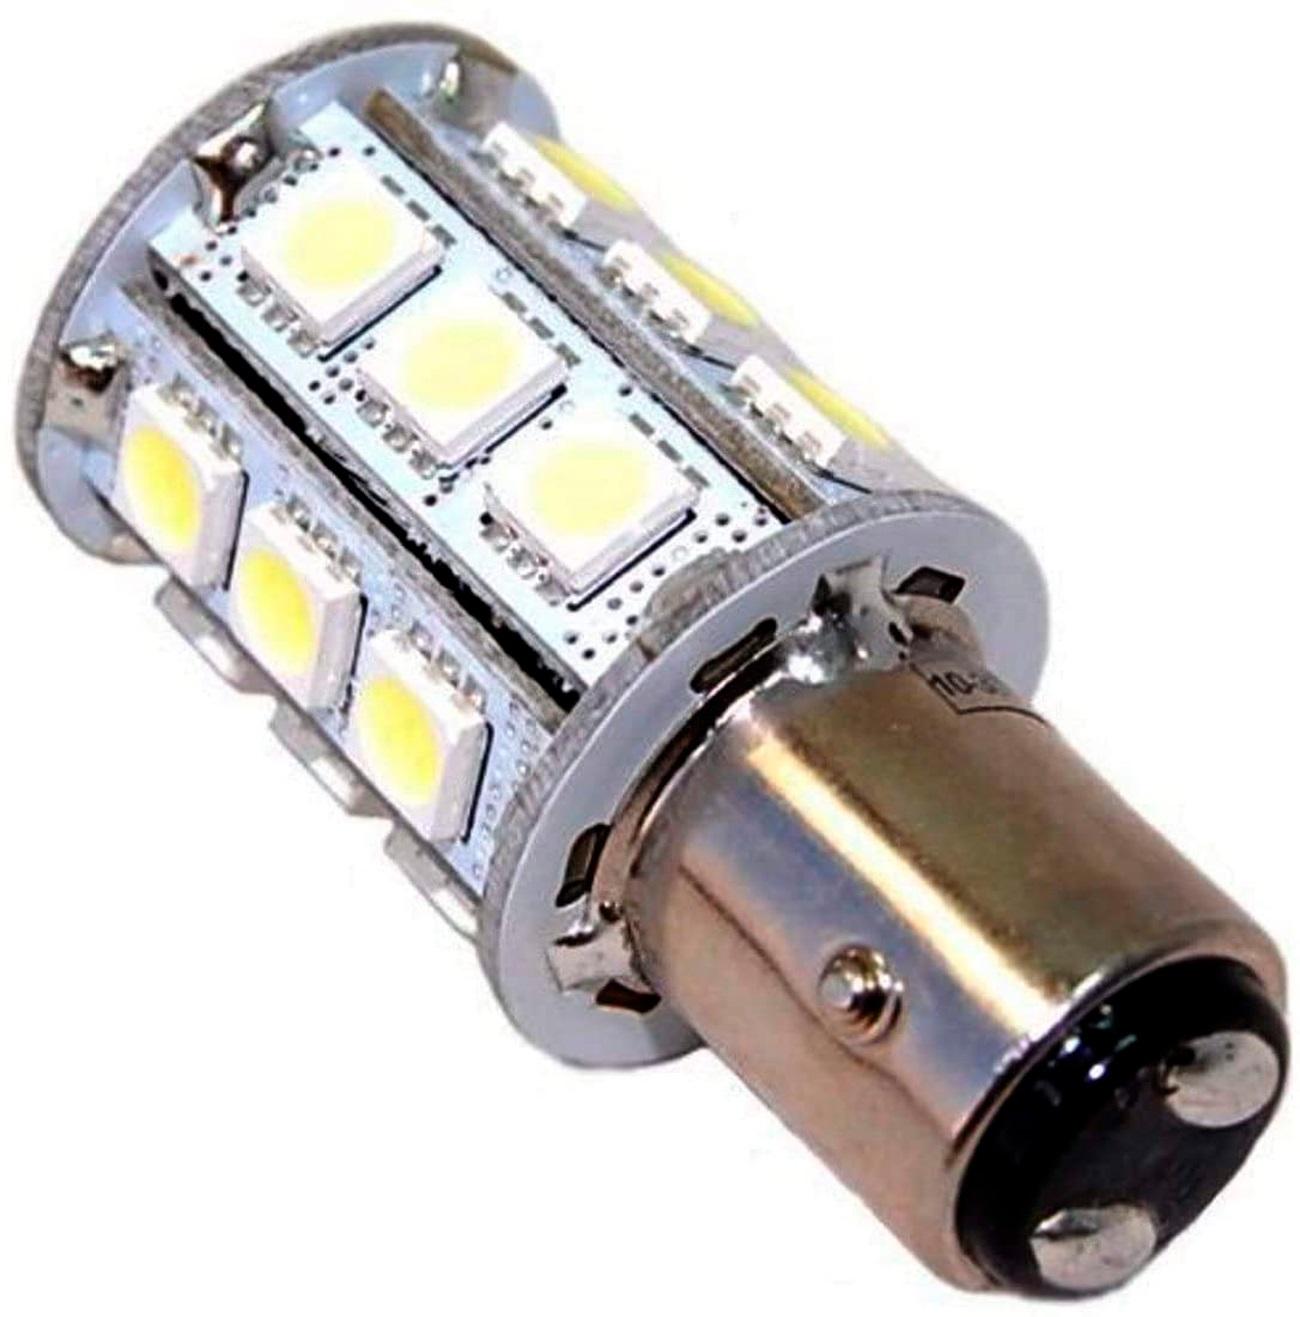 Lâmpada LED Automotiva 12V 25W BAY15D para Luminária de Embarcações Uso Náutico